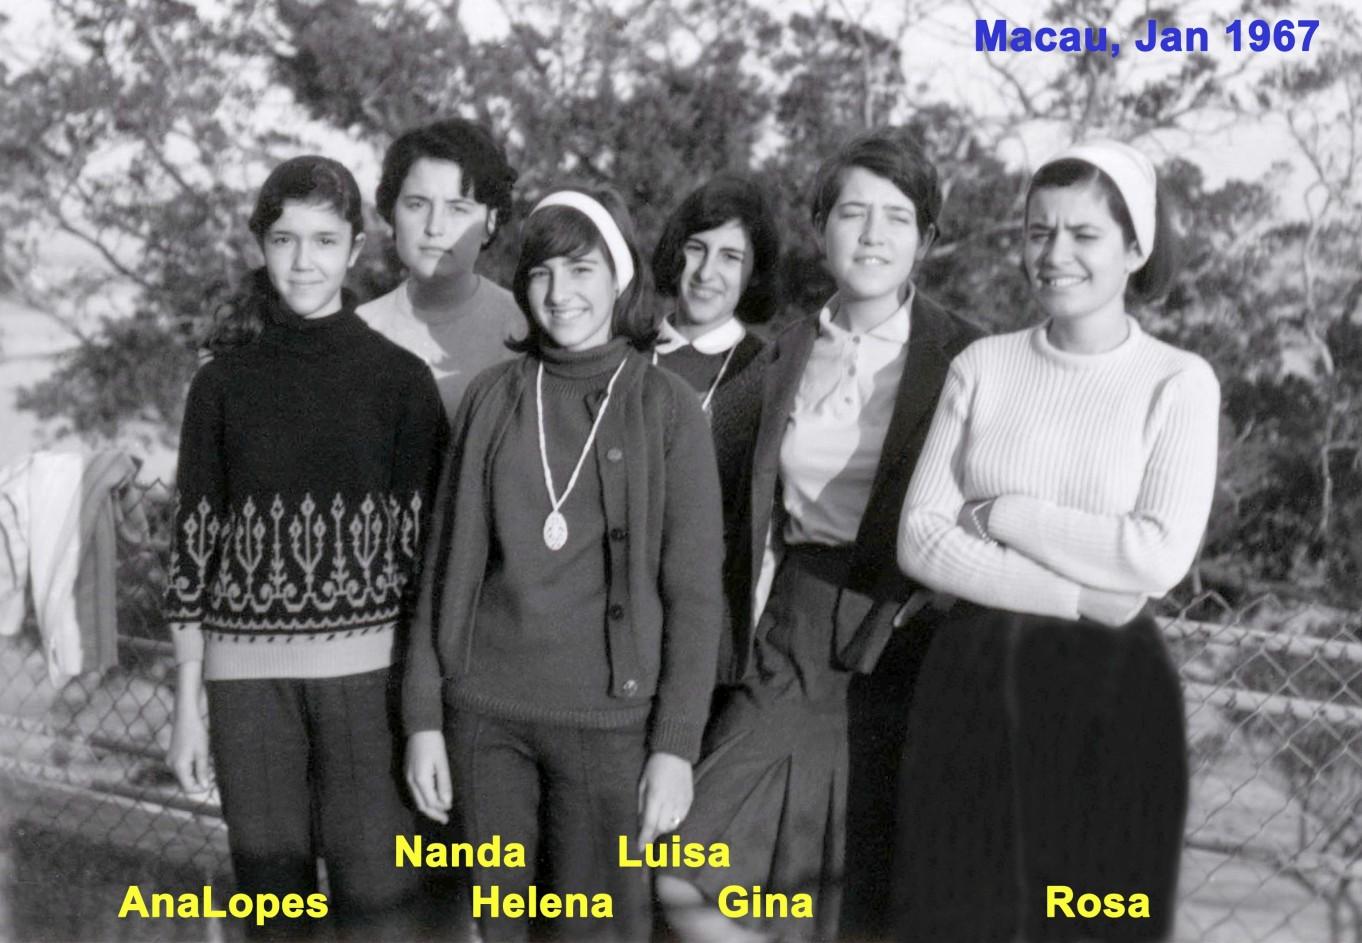 009 67-01 irmãs Ranhada com irmãs N Silva e Ana Lopes